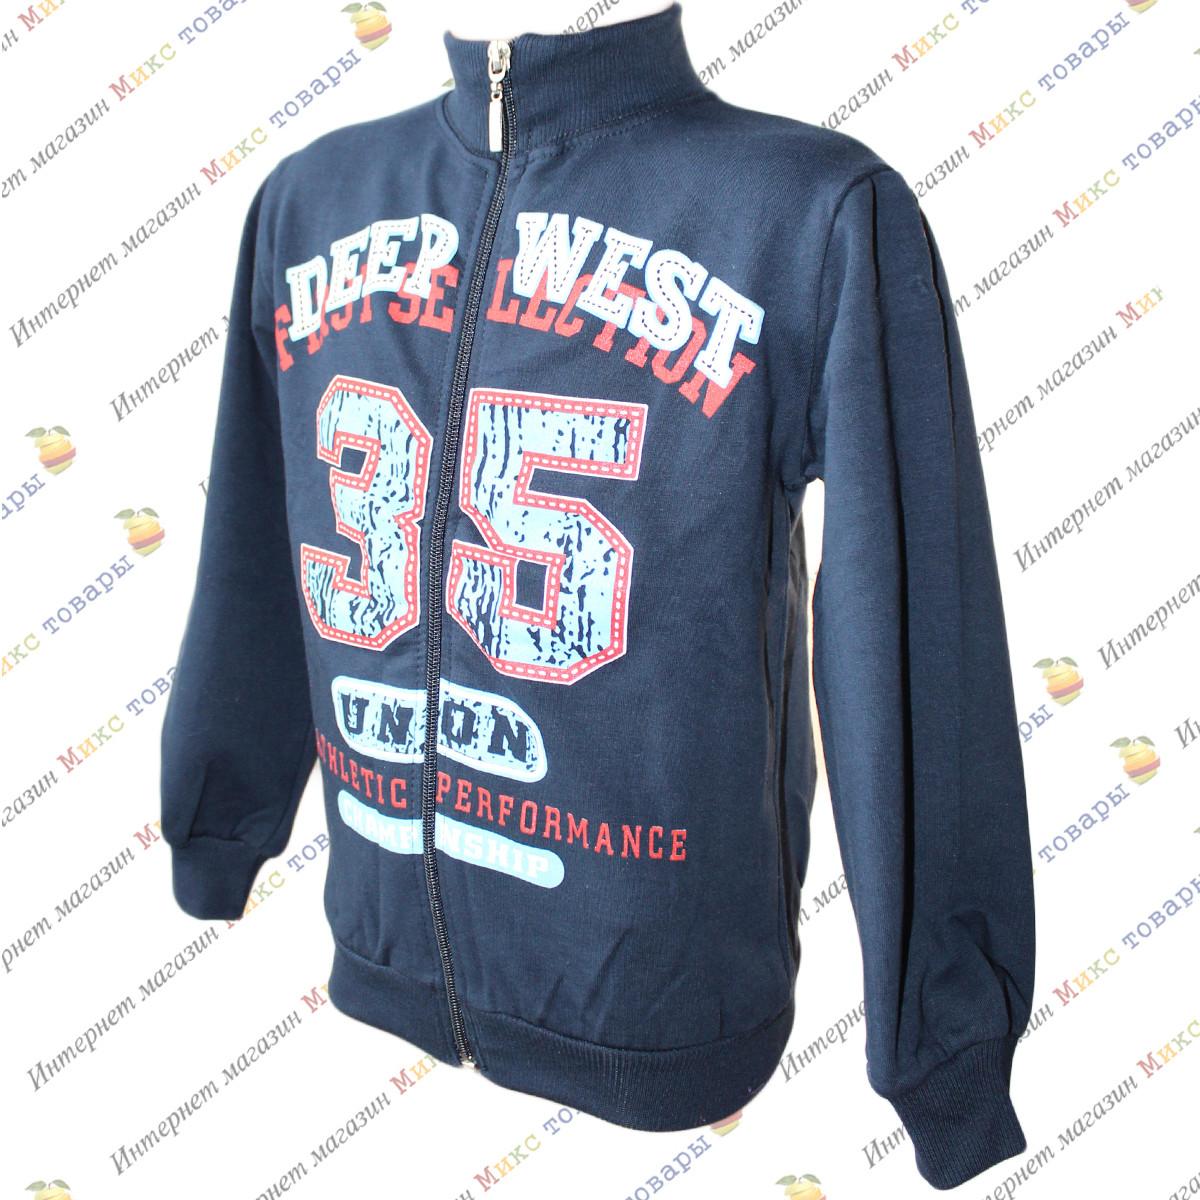 Спортивные кофты для мальчика от 5 до 9 лет - Микс товары - сайт где  продаётся eb6364069f5